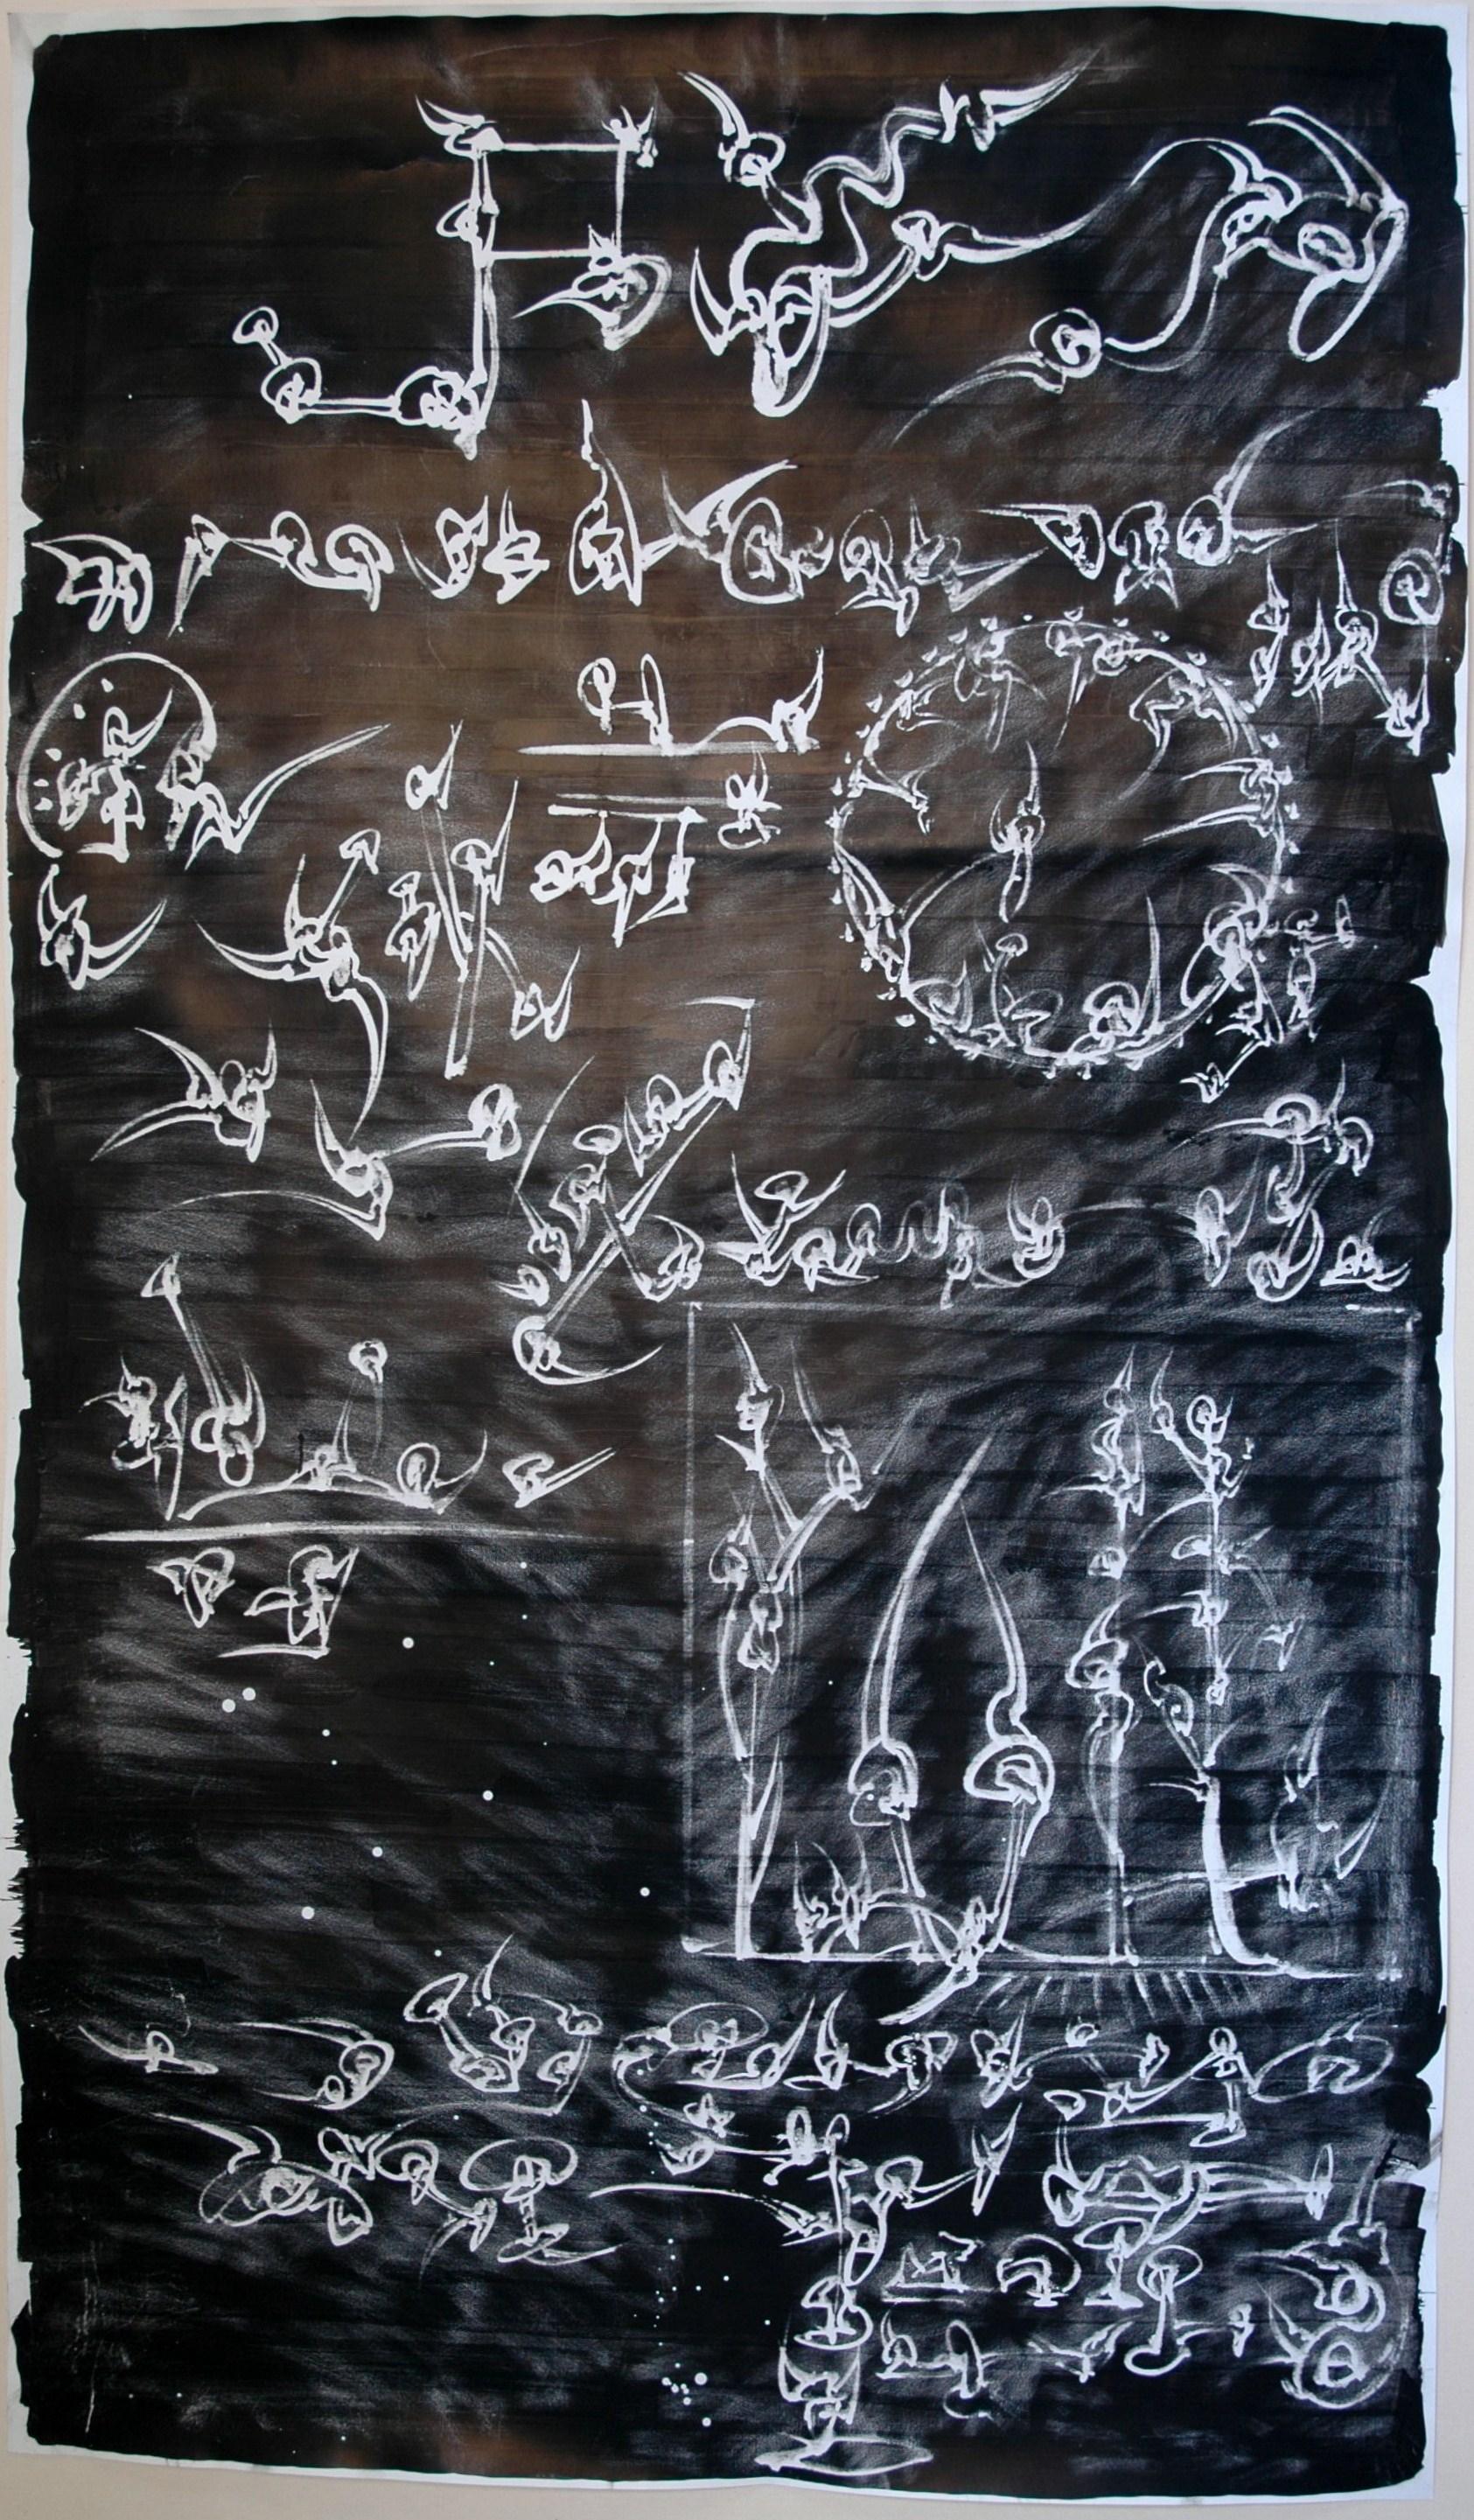 Encre de chine sur papier, 101 X 59 cm